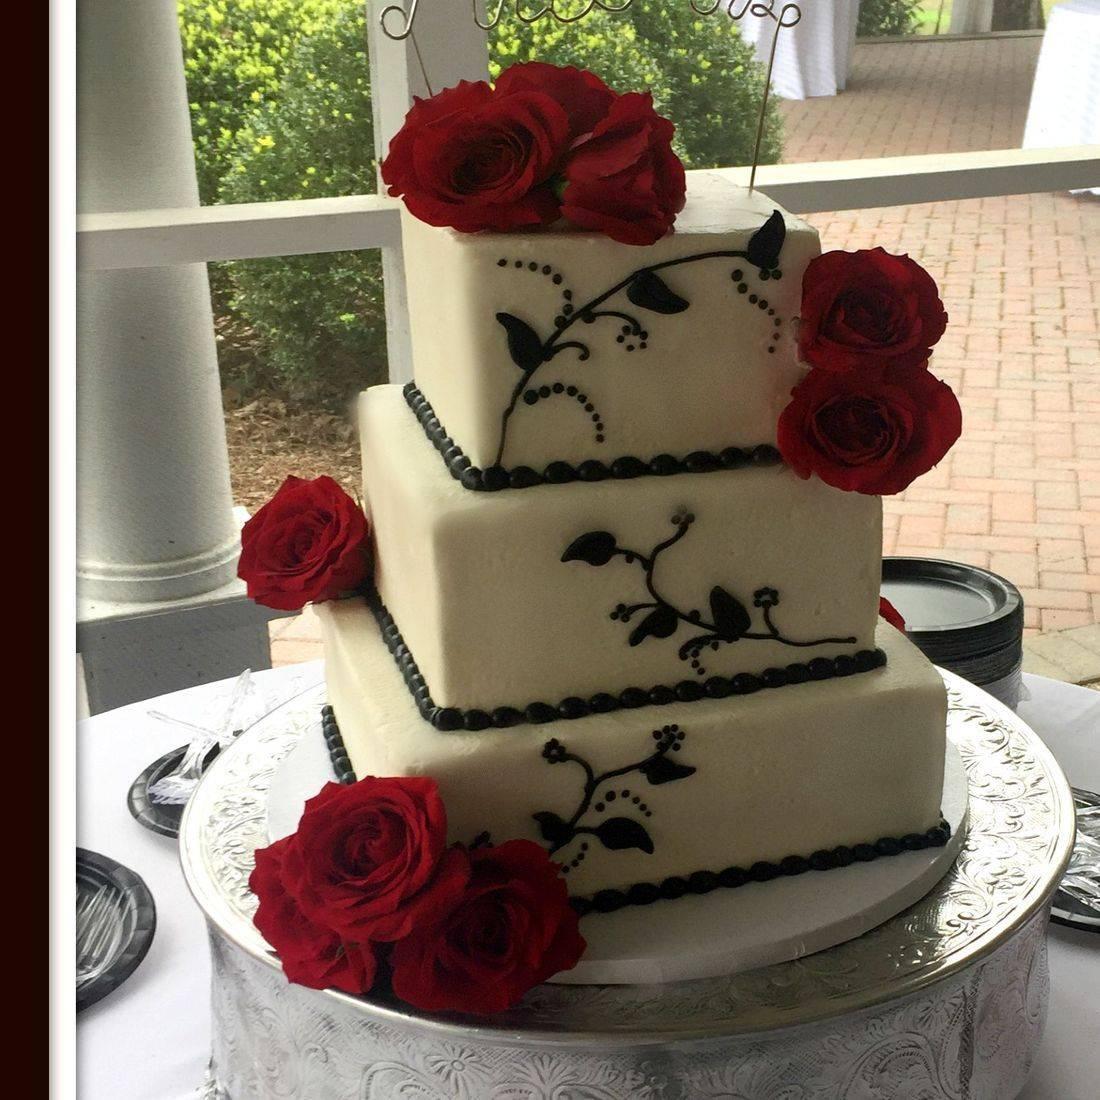 Buttercream Wedding Cake black scrolls red roses